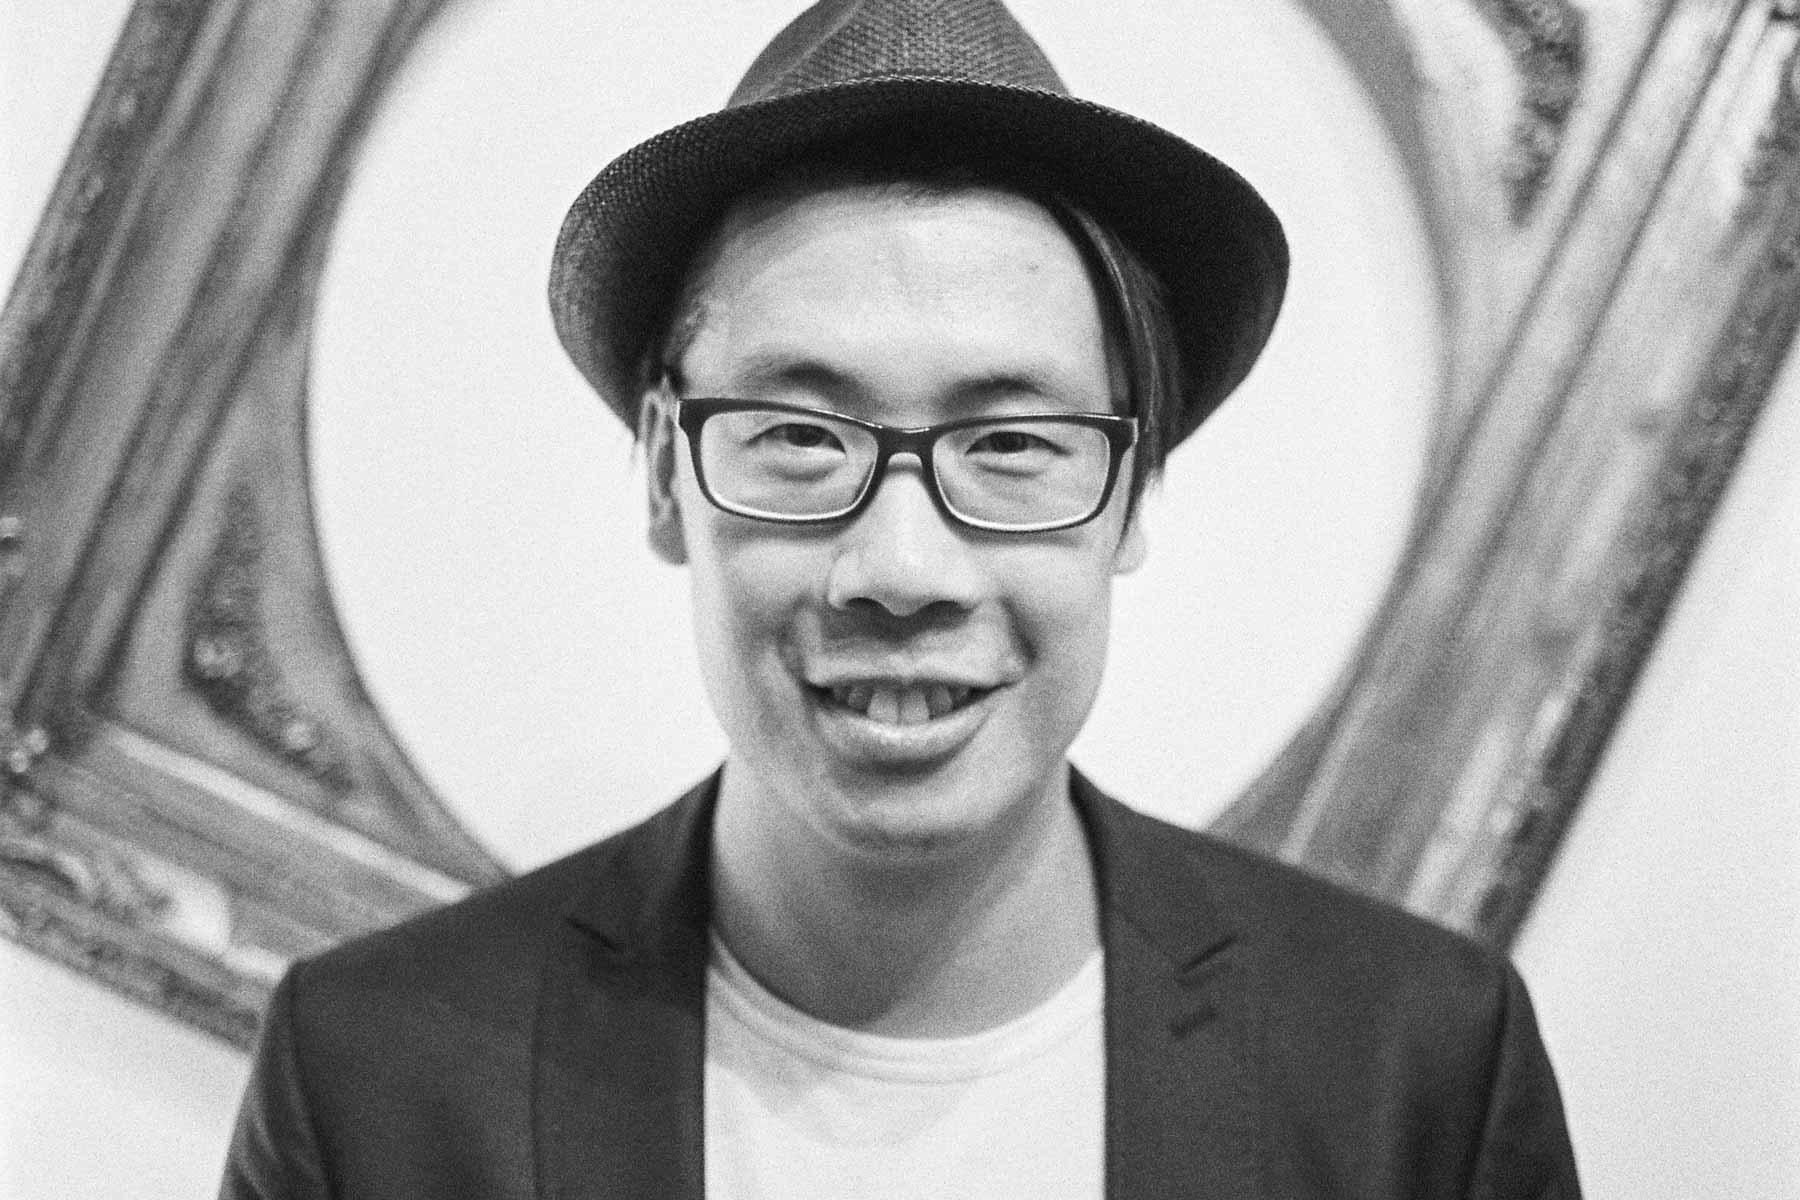 Portrait He Shao Hui Quer 01